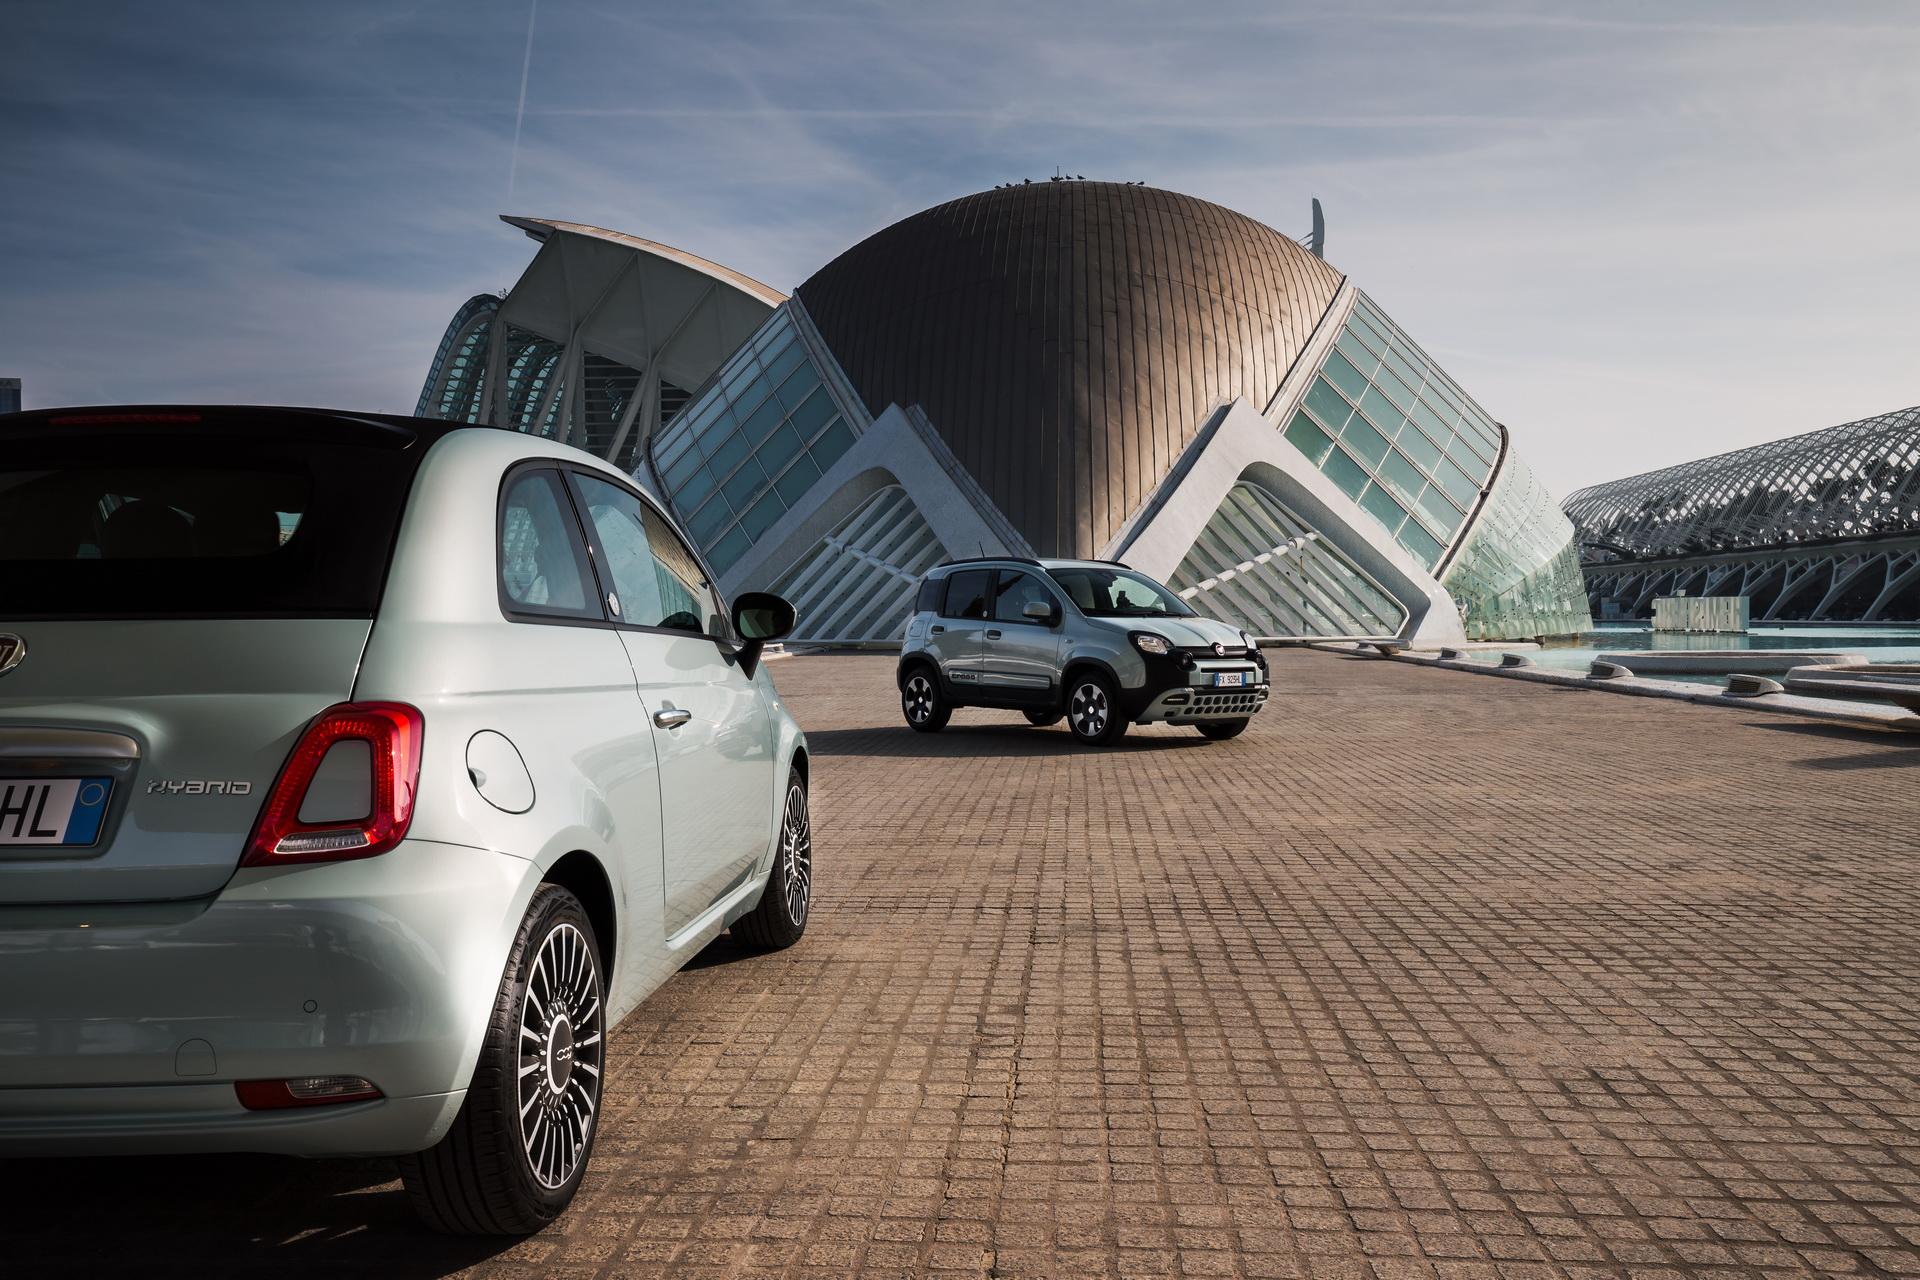 Fiat Ibride, taglio emissioni del 20% e CO2 del 30%